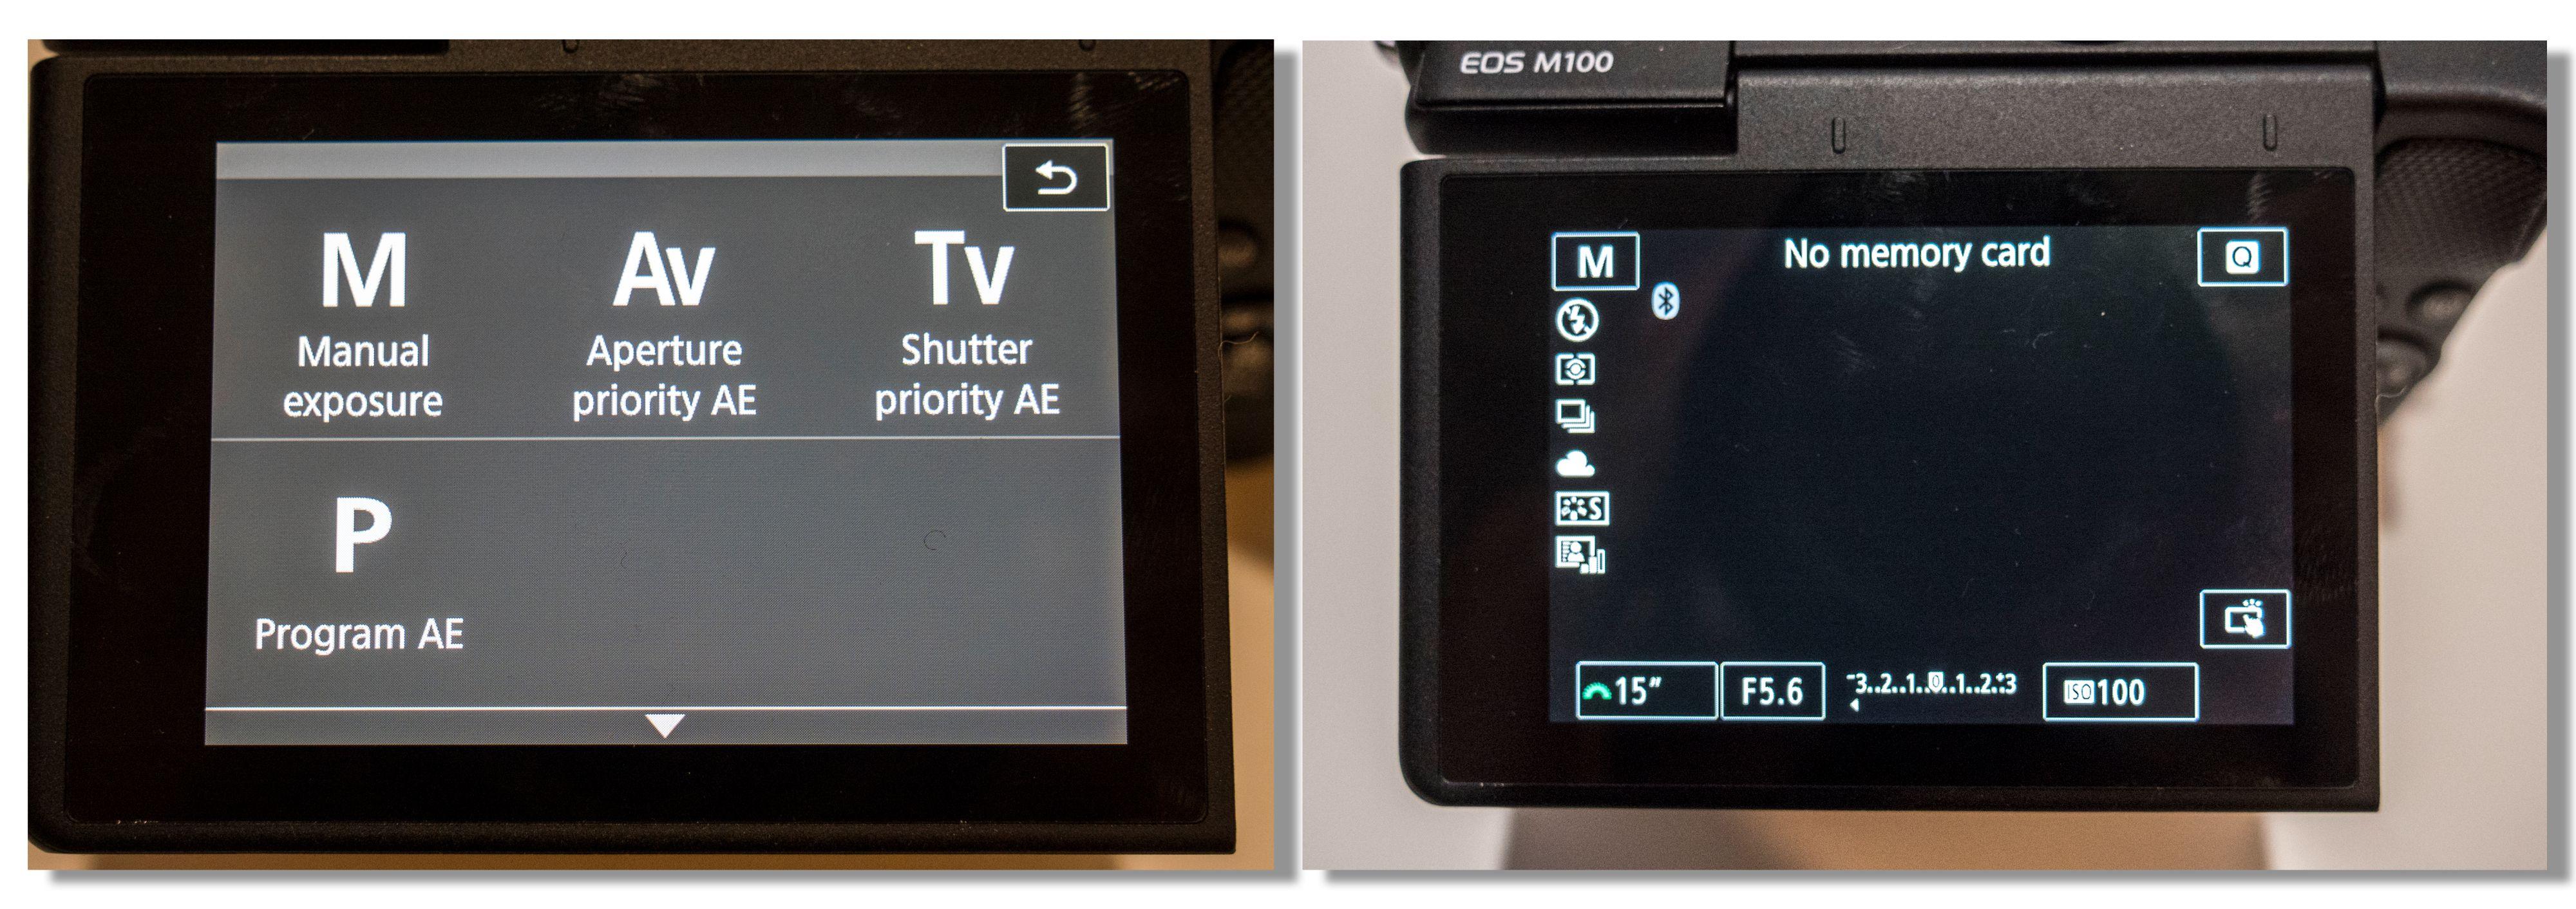 Manuelle kontroller finner du som regel på modushjulet på toppen av kameraet (se bildet av OM-D E-M10 III lengre opp), eller inne i en av menyene hvis kameraet ikker har eget modushjul. Bilde: Kristoffer Møllevik